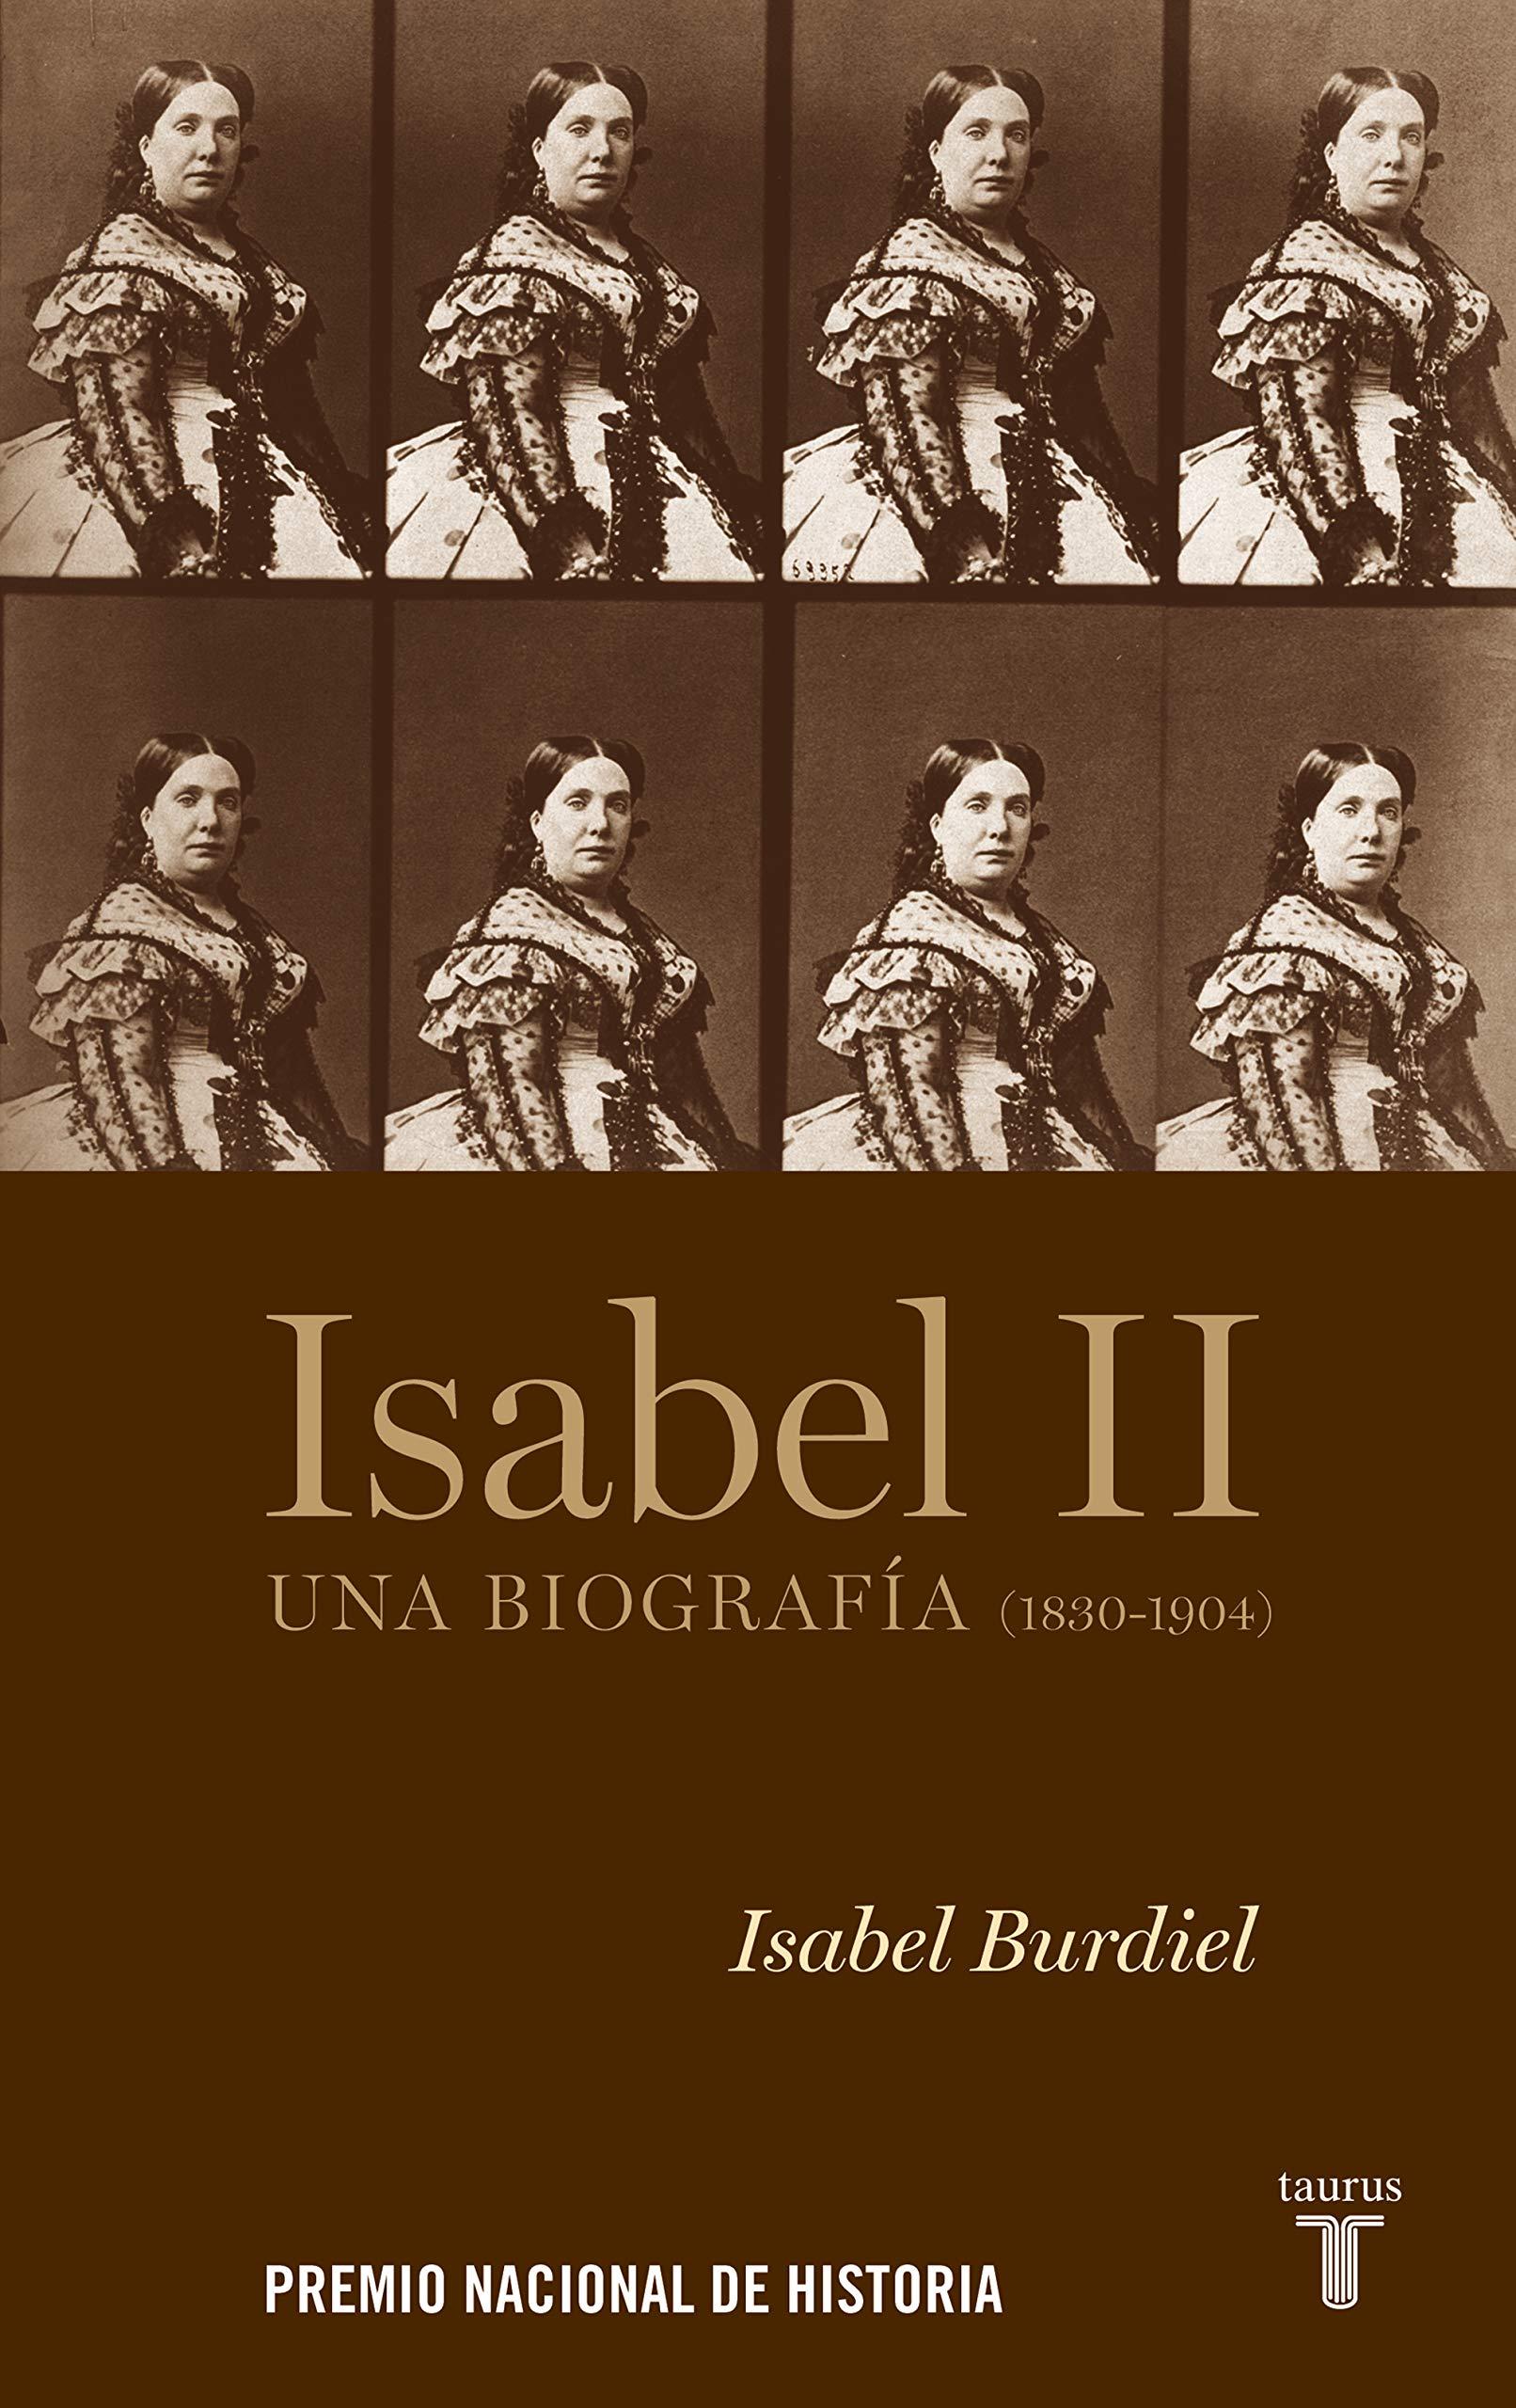 Isabel II: Una biografía (1830-1904) (Pensamiento): Amazon.es: Burdiel, Isabel: Libros